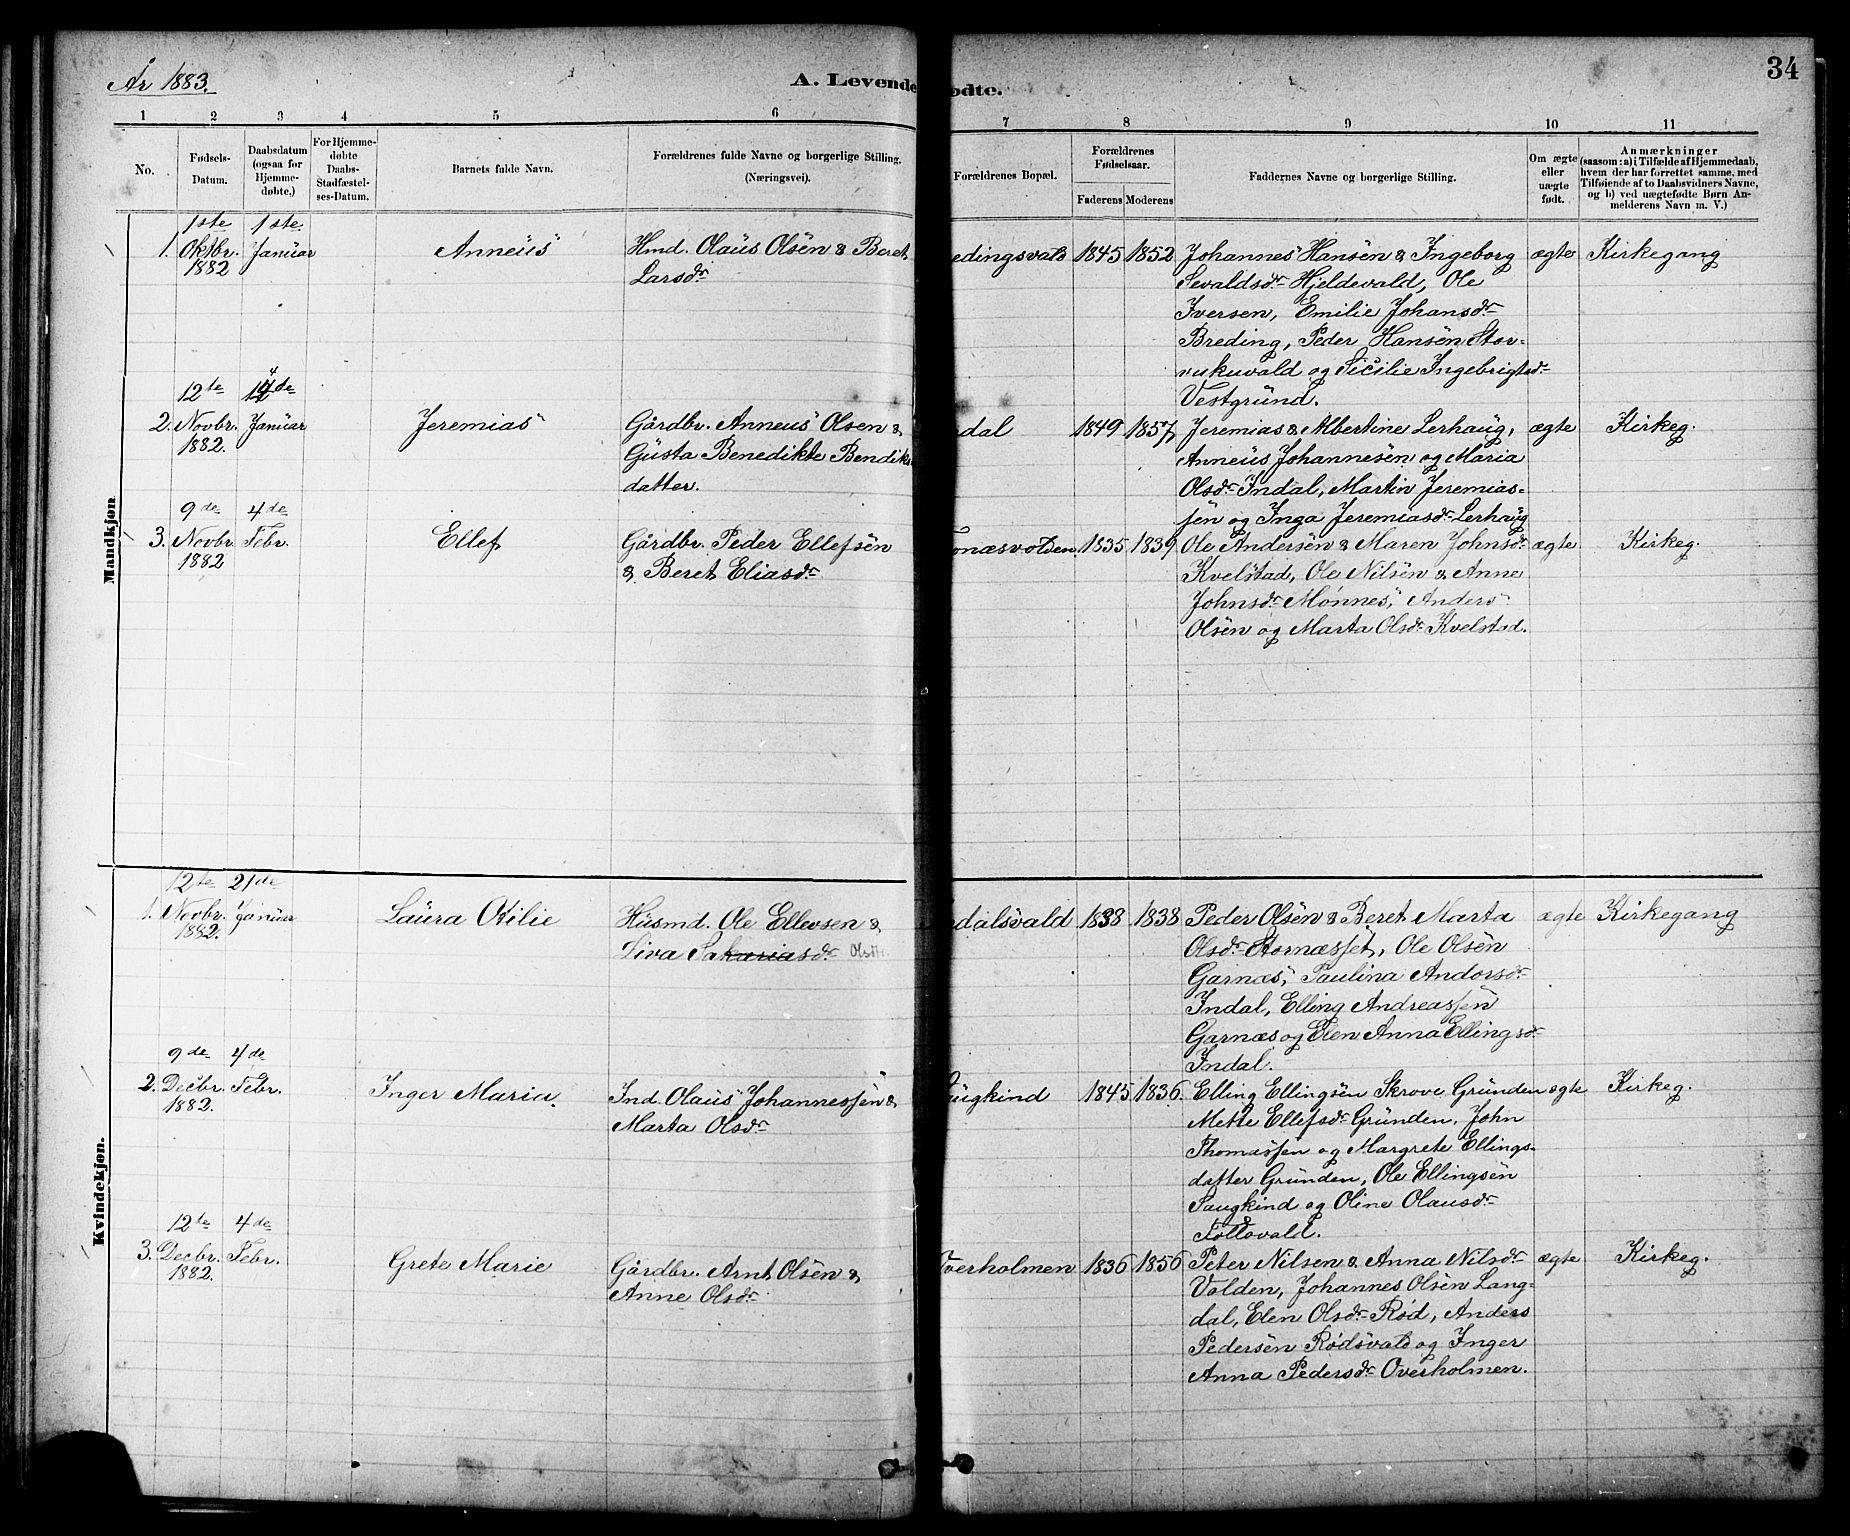 SAT, Ministerialprotokoller, klokkerbøker og fødselsregistre - Nord-Trøndelag, 724/L0267: Klokkerbok nr. 724C03, 1879-1898, s. 34